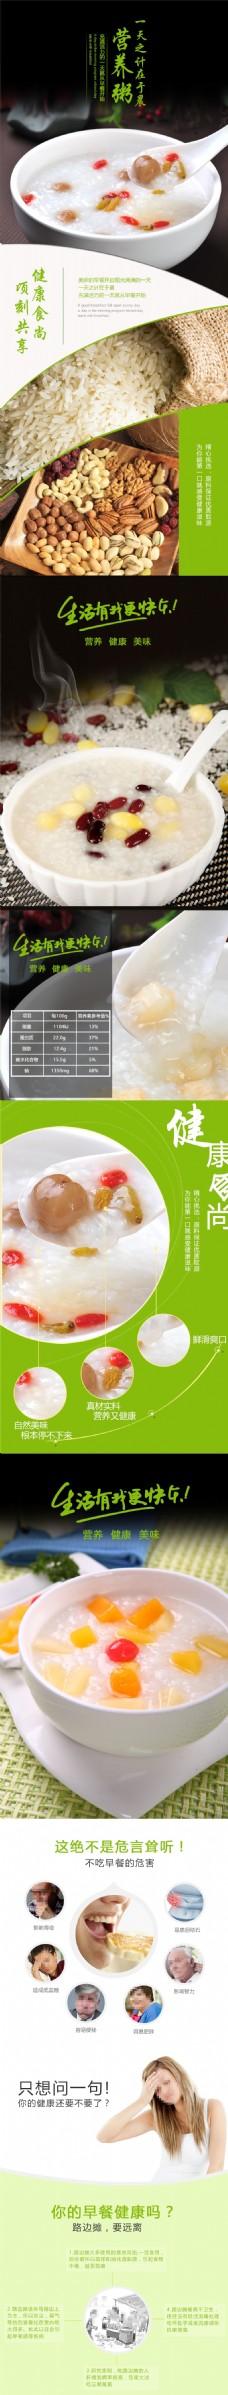 淘宝电商天猫美食食品营养米粥详情页psd模板